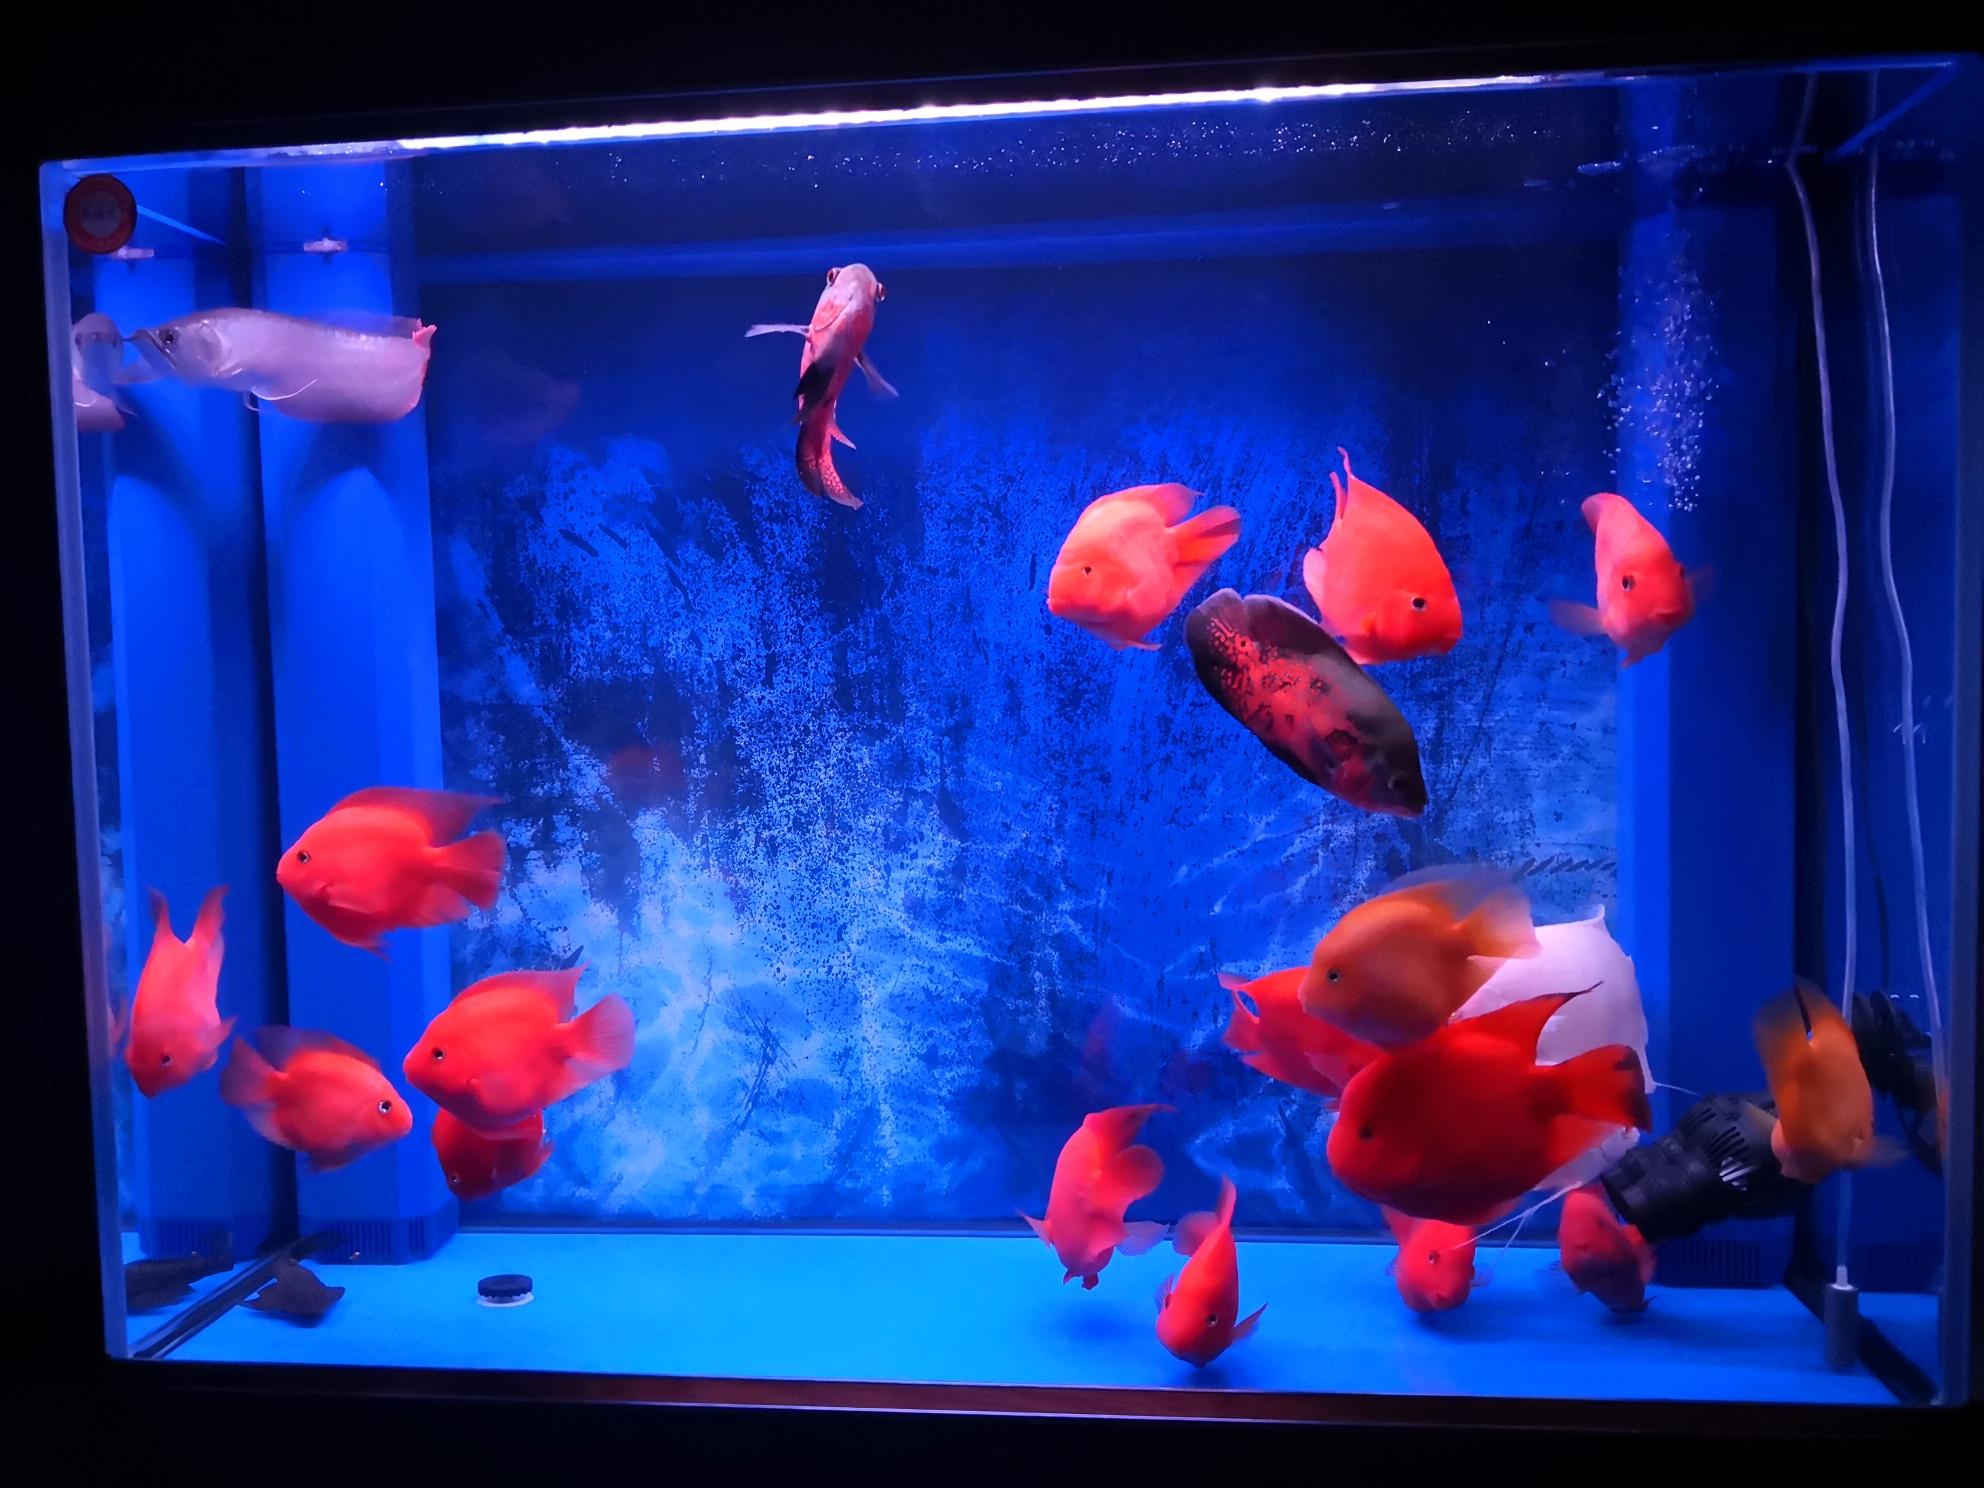 【西安哪个水族店有斑马鸭嘴】换水后总能让我惊讶左中右三视图 西安龙鱼论坛 西安博特第2张